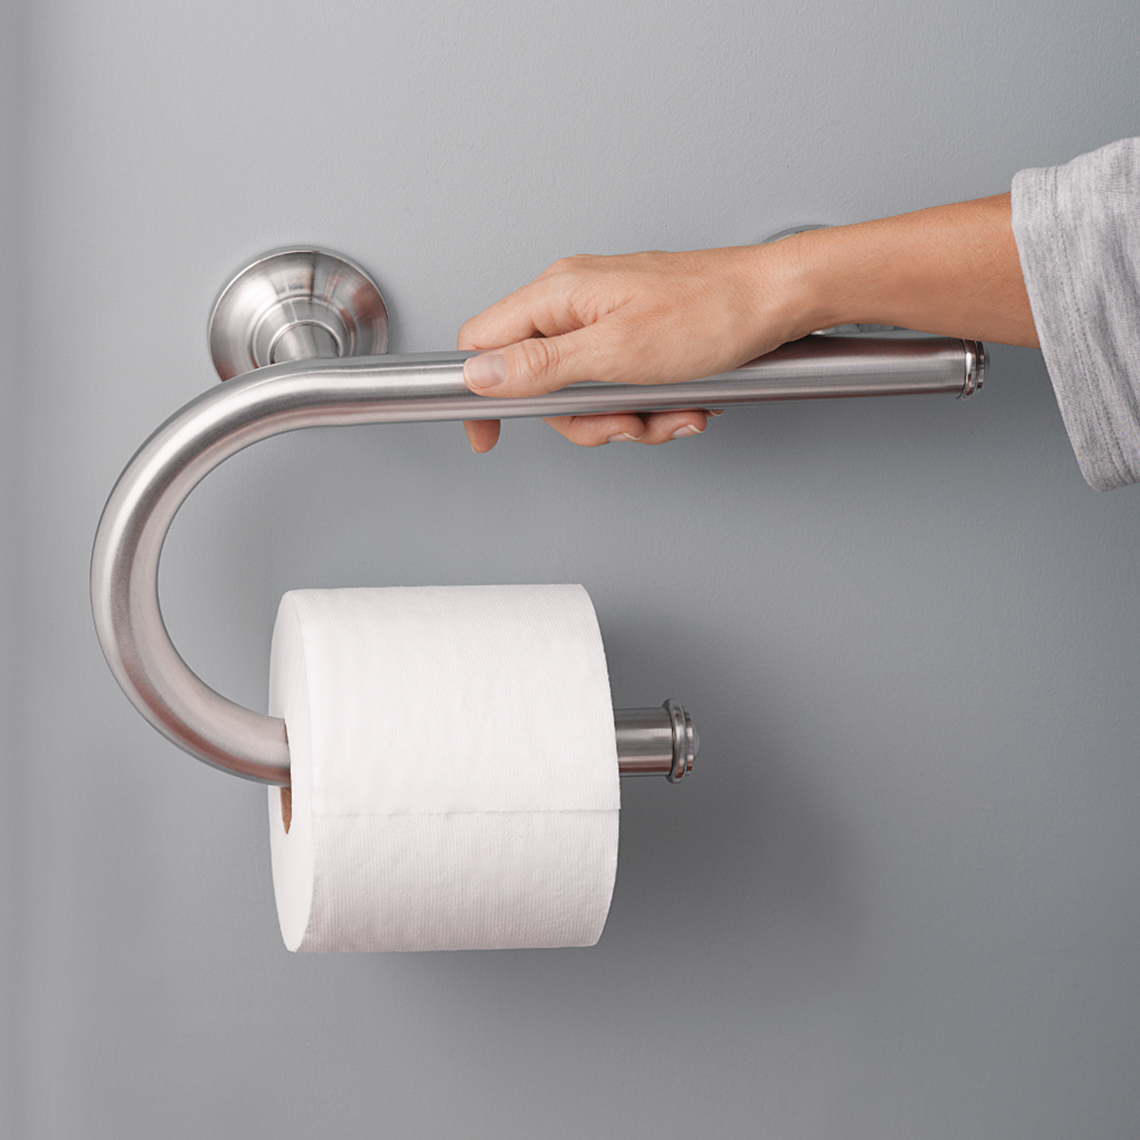 Soporte de papel higiénico para el baño